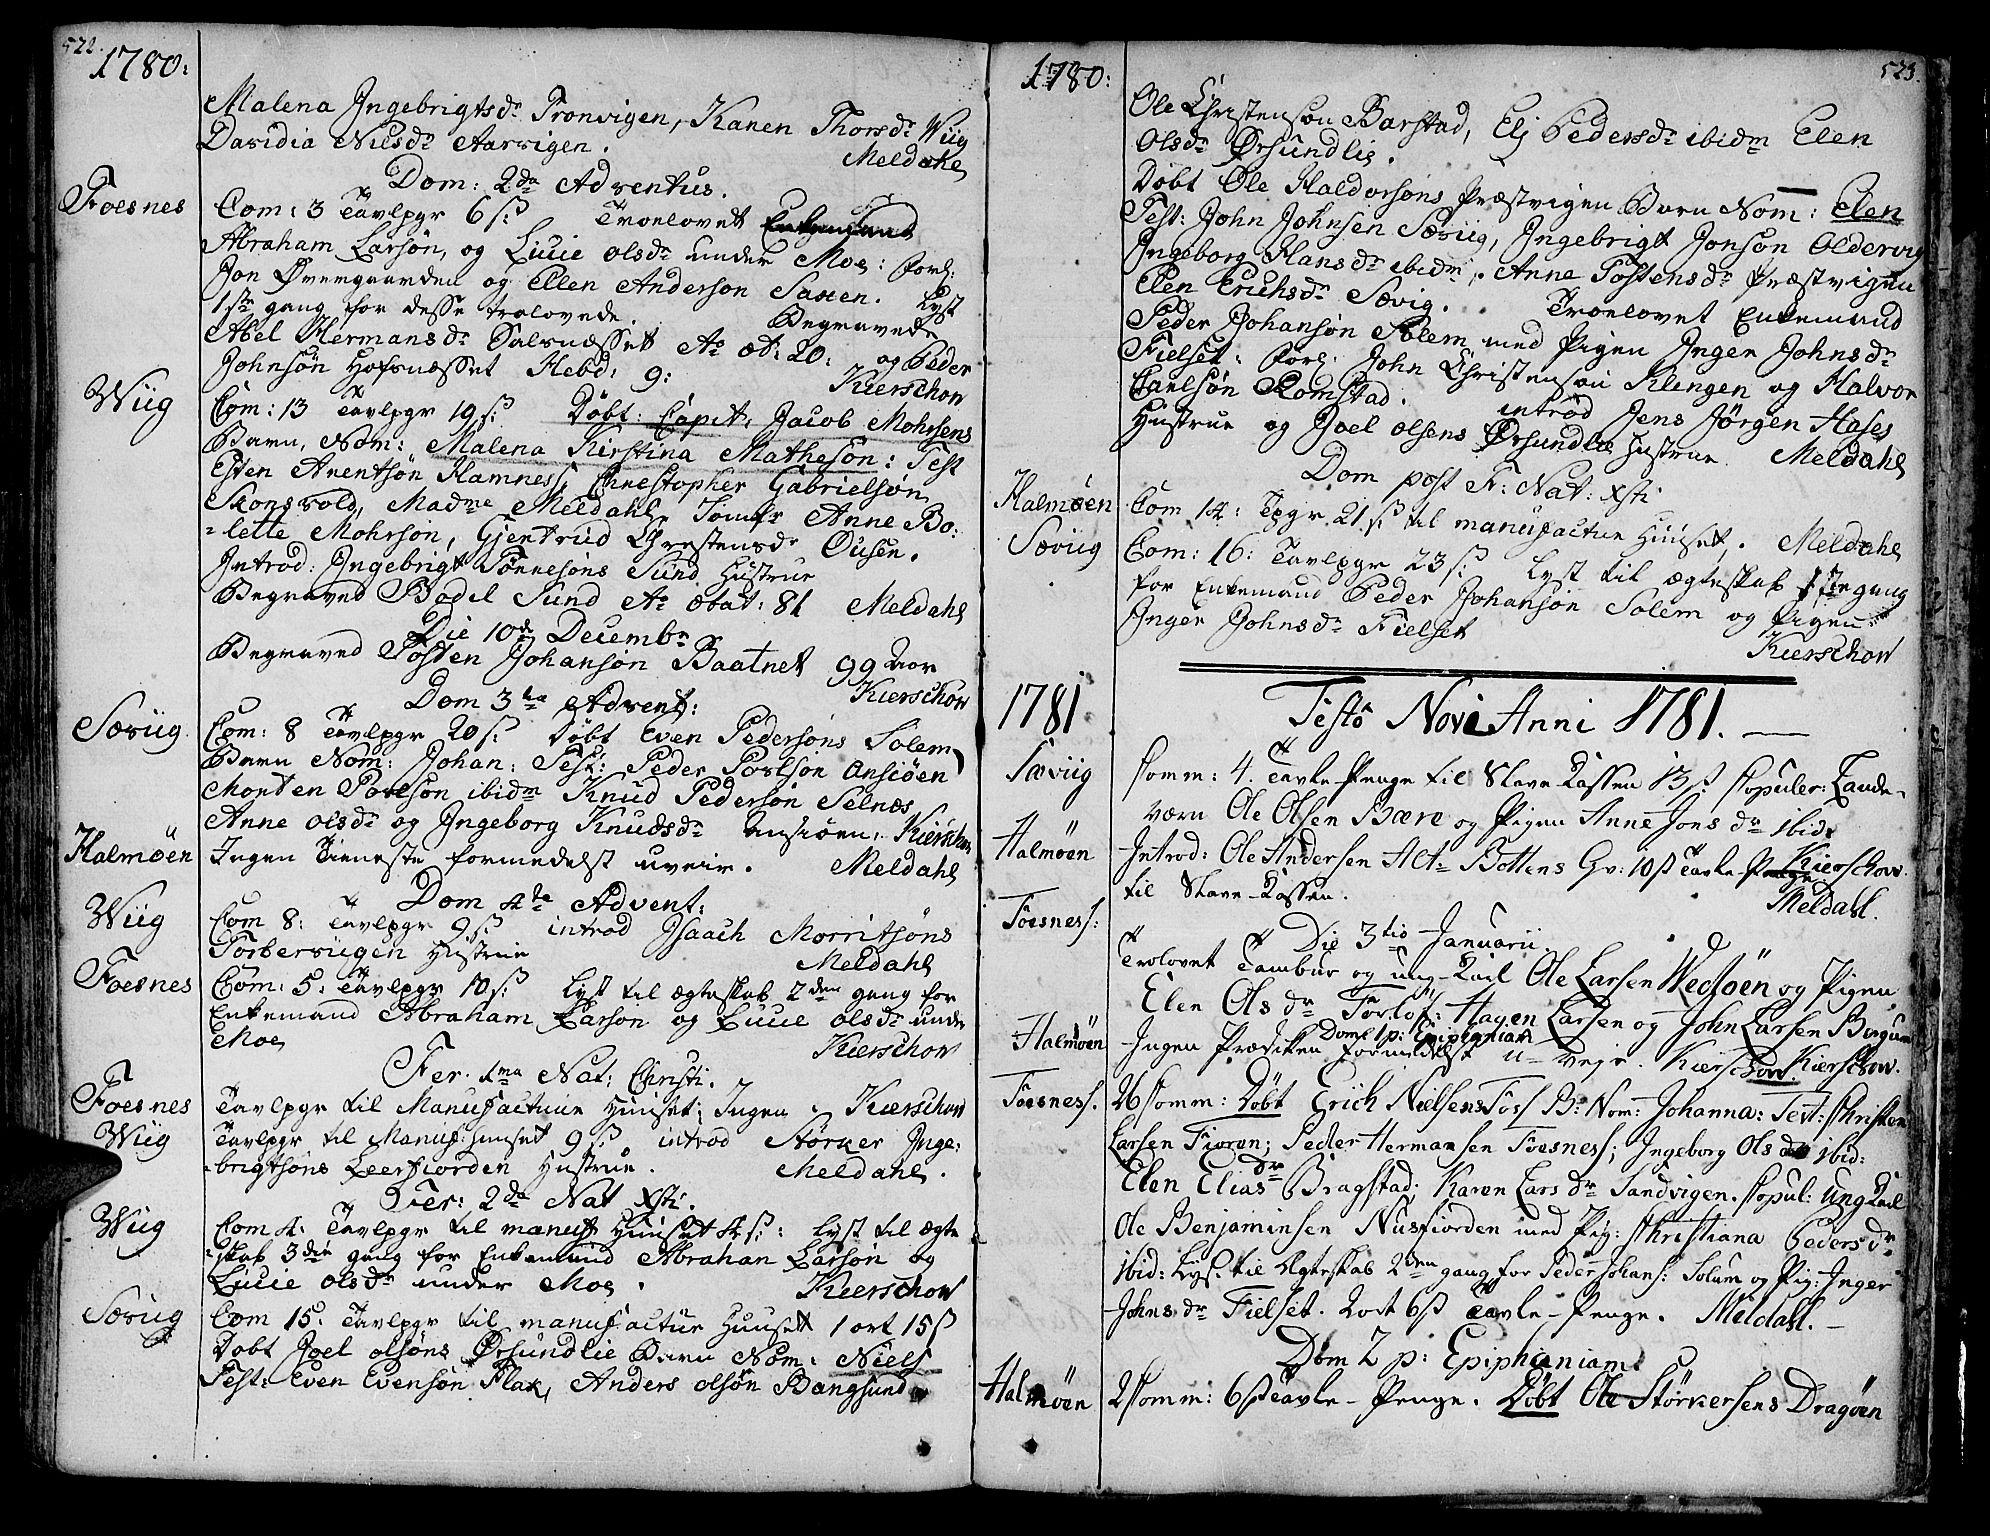 SAT, Ministerialprotokoller, klokkerbøker og fødselsregistre - Nord-Trøndelag, 773/L0607: Ministerialbok nr. 773A01, 1751-1783, s. 522-523